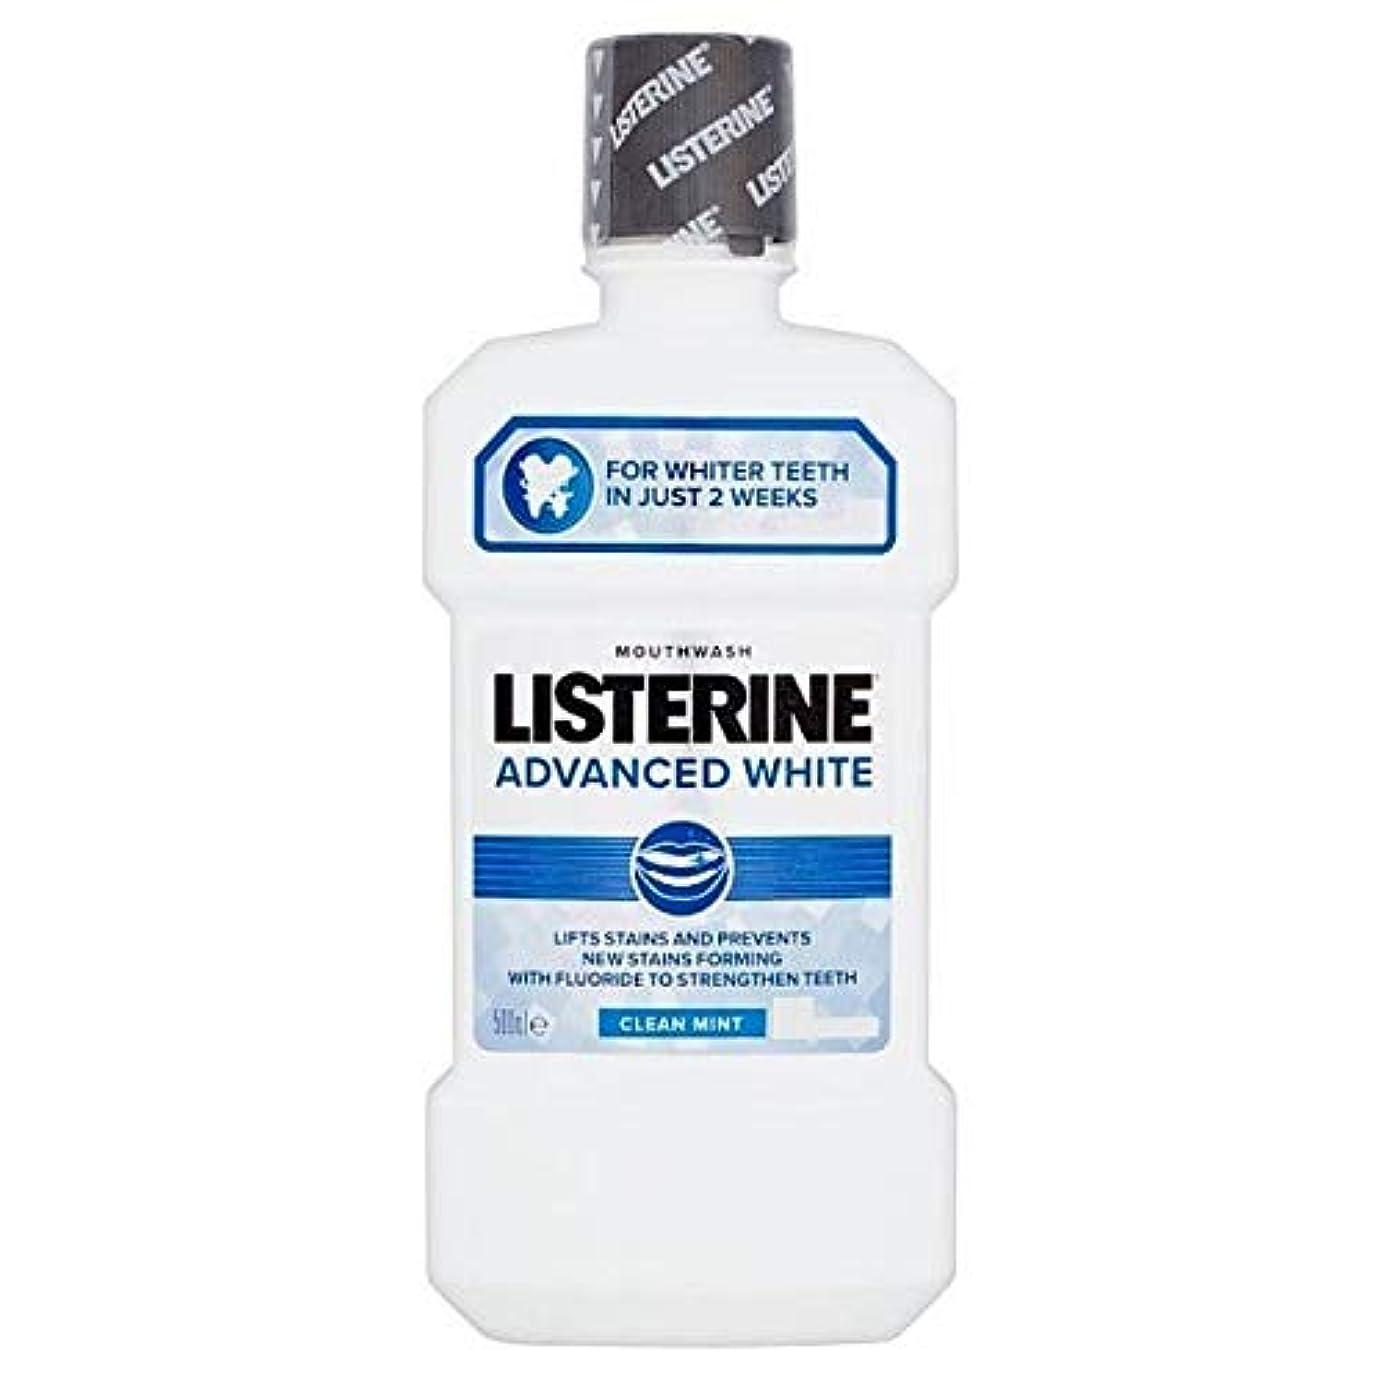 ミケランジェロうつペレット[Listerine ] リステリン高度な白いマウスウォッシュ500ミリリットル - Listerine Advanced White Mouthwash 500ml [並行輸入品]